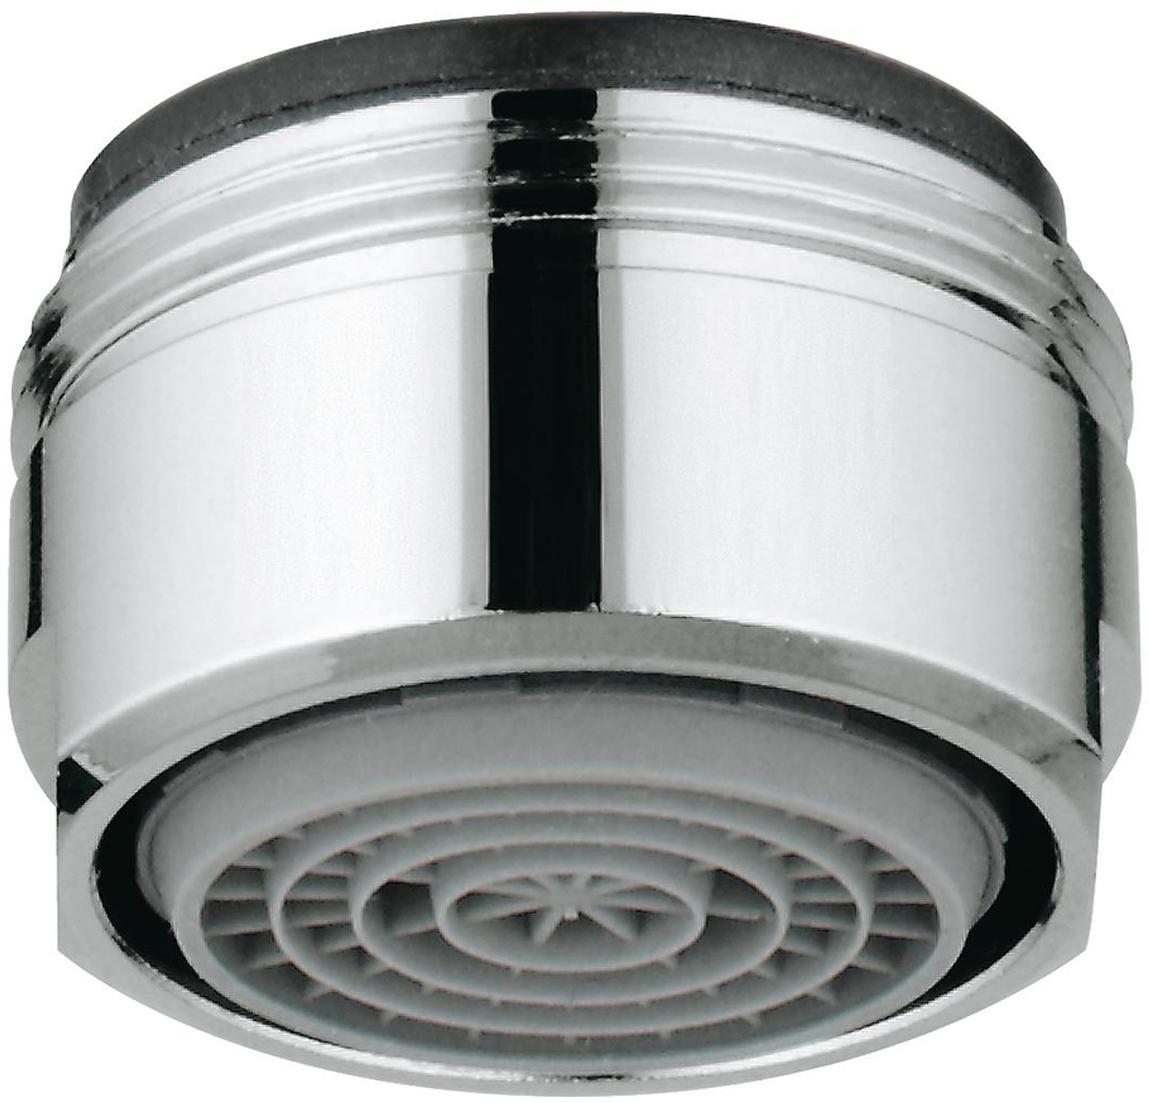 Комплект аэраторов с ограничением расхода воды GROHE Tempesta Classic. 4052600040526000Аэратор Grohe предназначен для насыщения воздухом водной струи, выходящей из смесителя. Корпус изделия выполнен из высококачественного - пластика. Аэратор создает приятные ощущения для рук и предотвращаетразбрызгивание в процессе использования. Одновременно способствует сокращению потребления воды. br>Включает в себя: 2 аэратора Eco с резьбой M24, с функцией SpeedClean5,7 л/мин при 3 бар.